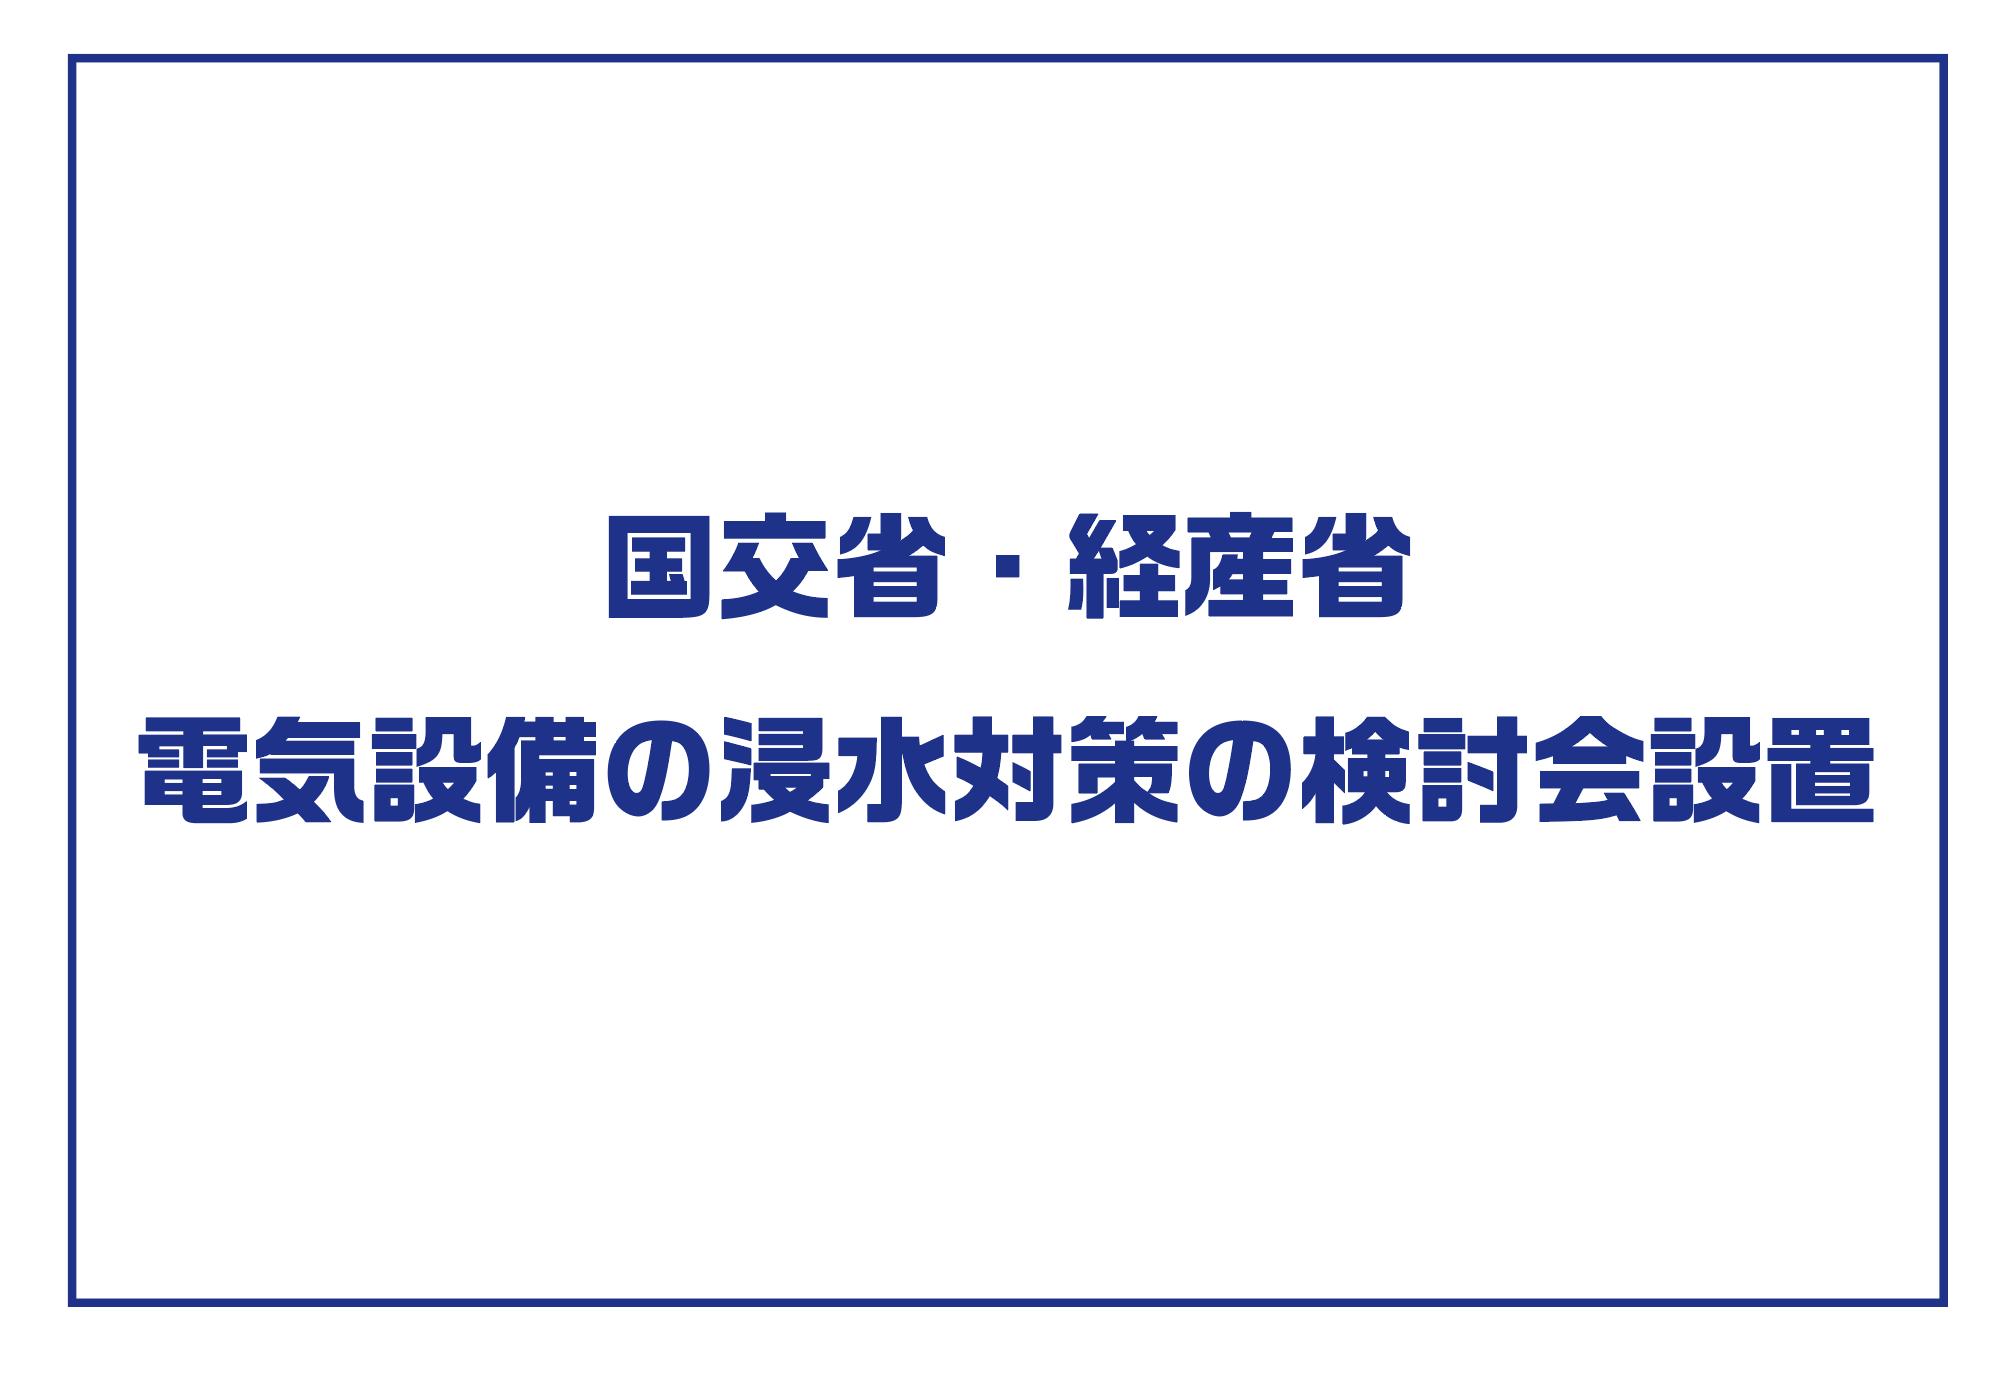 【国交省、経産省】電気設備の浸水対策の検討会設置の画像